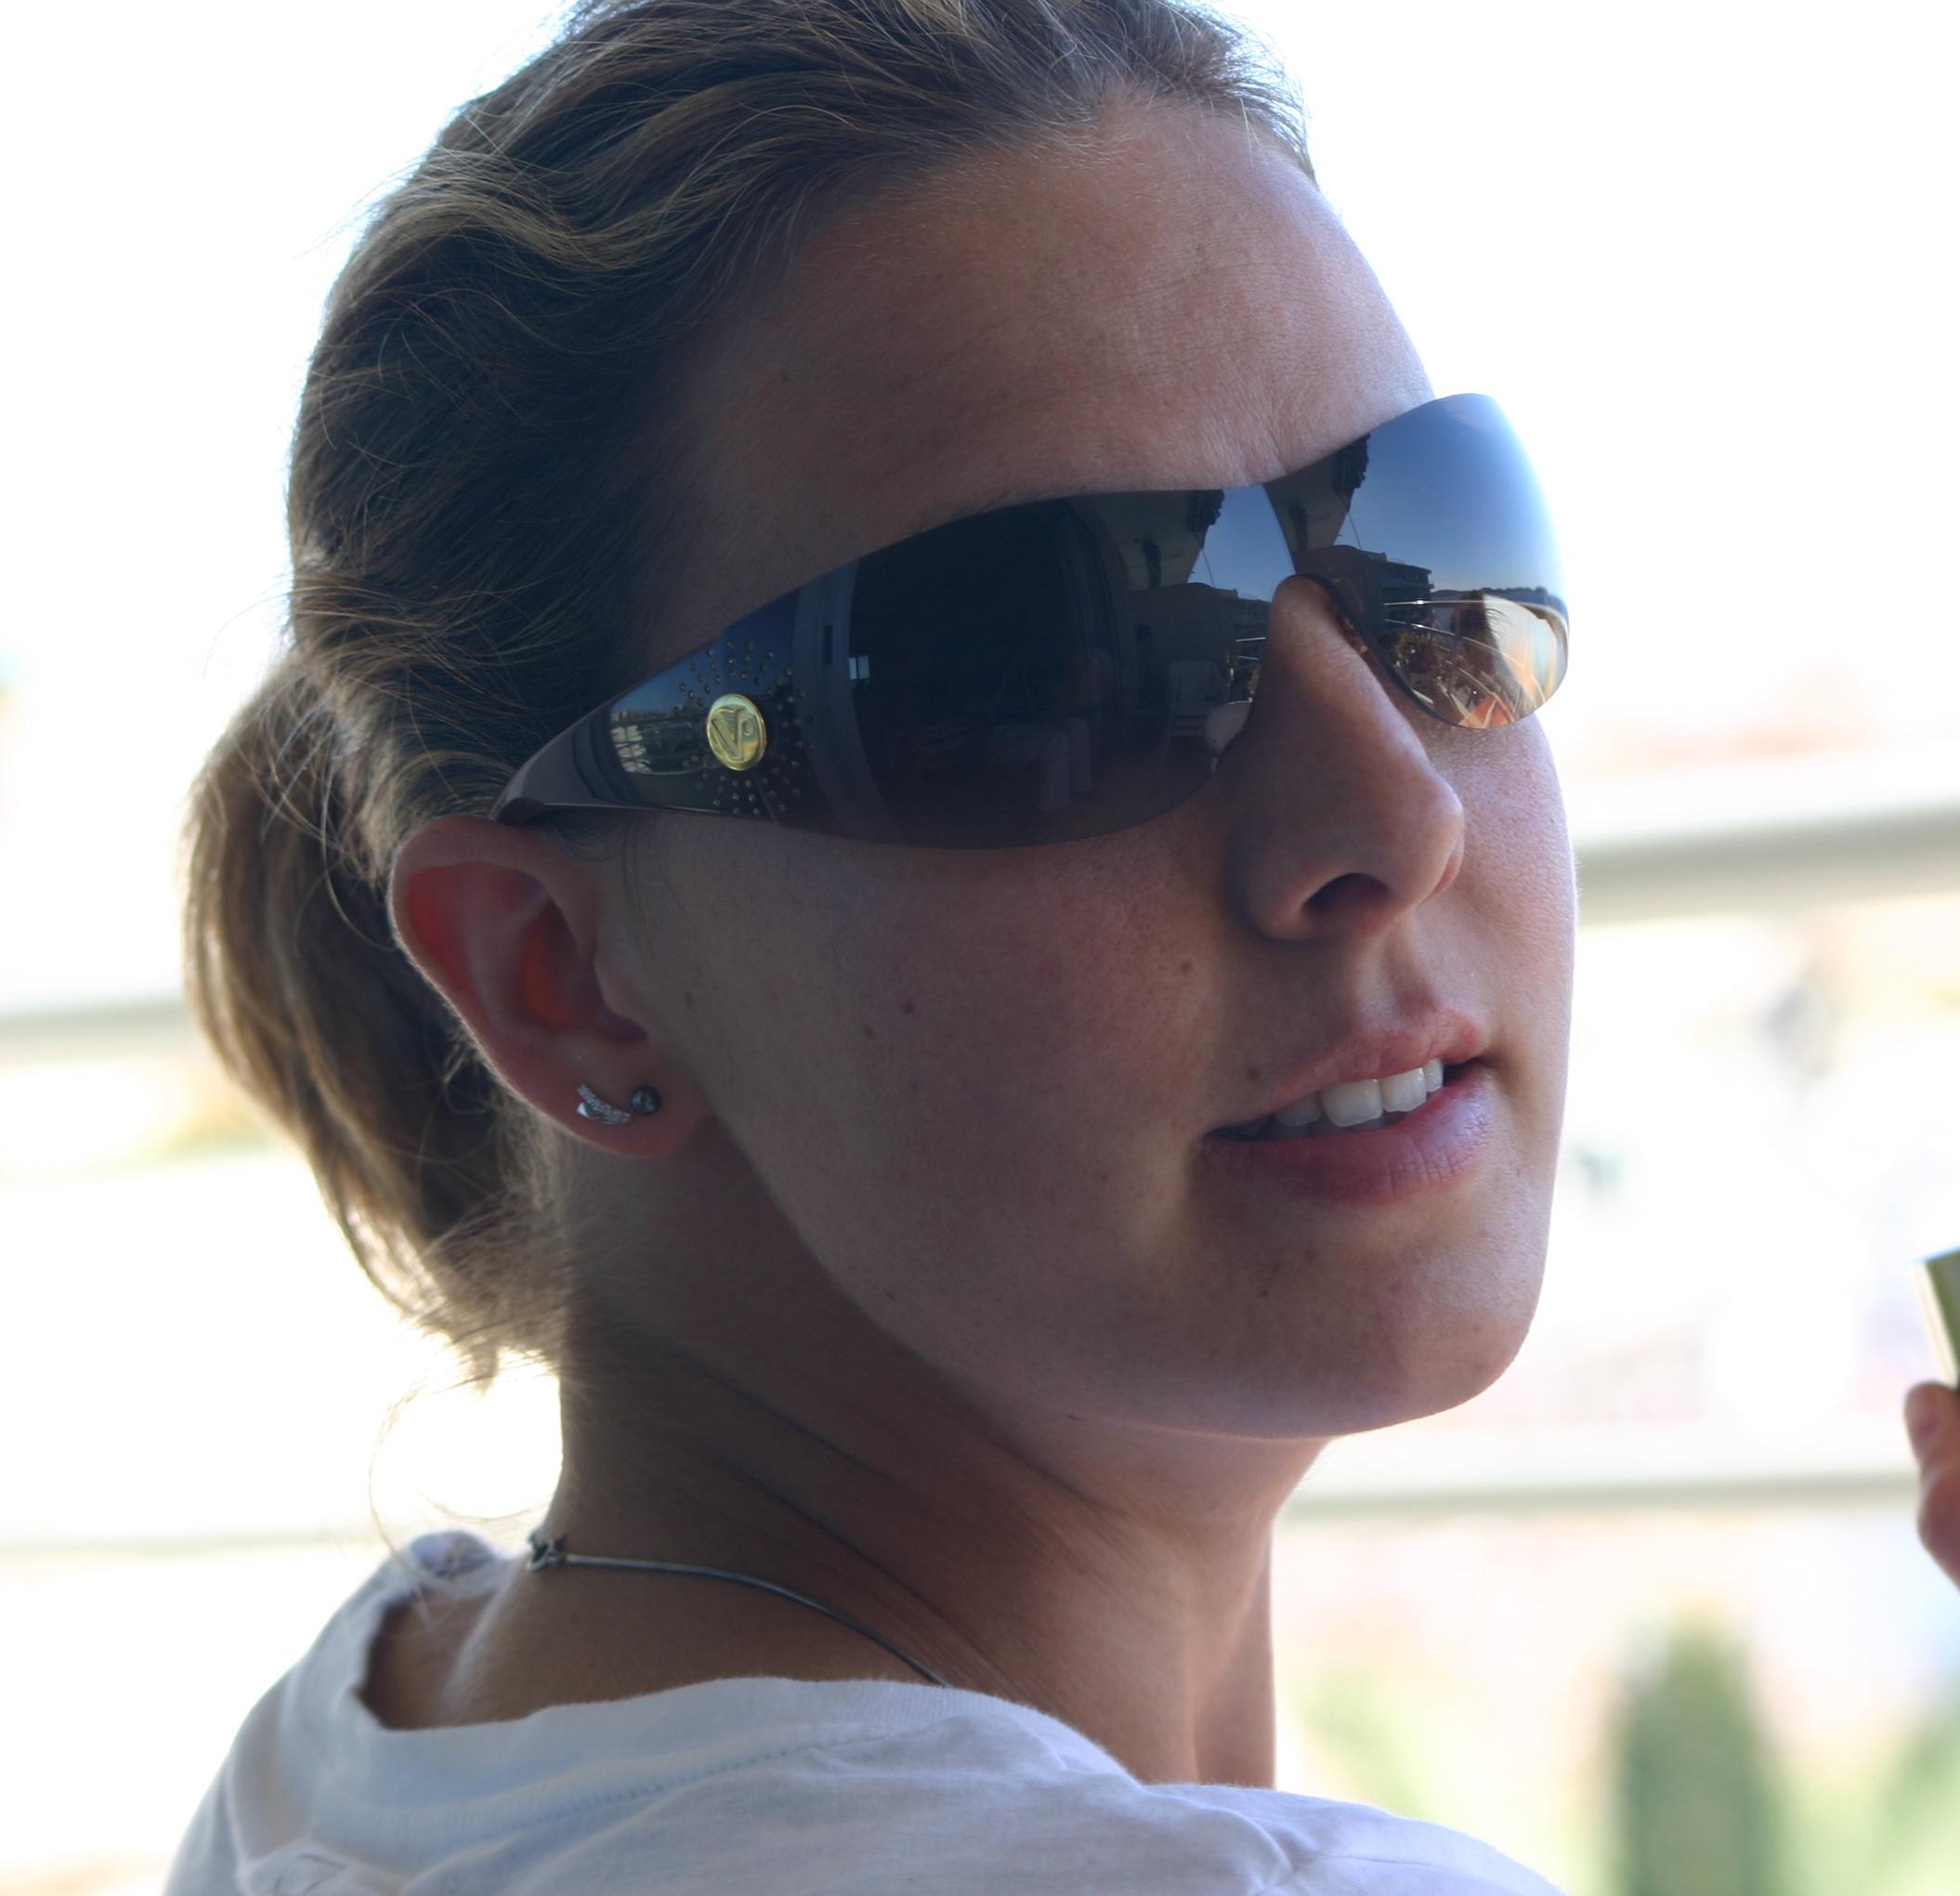 Bienvenue à Mademoiselle Emeraude, future mariée d'octobre 2012